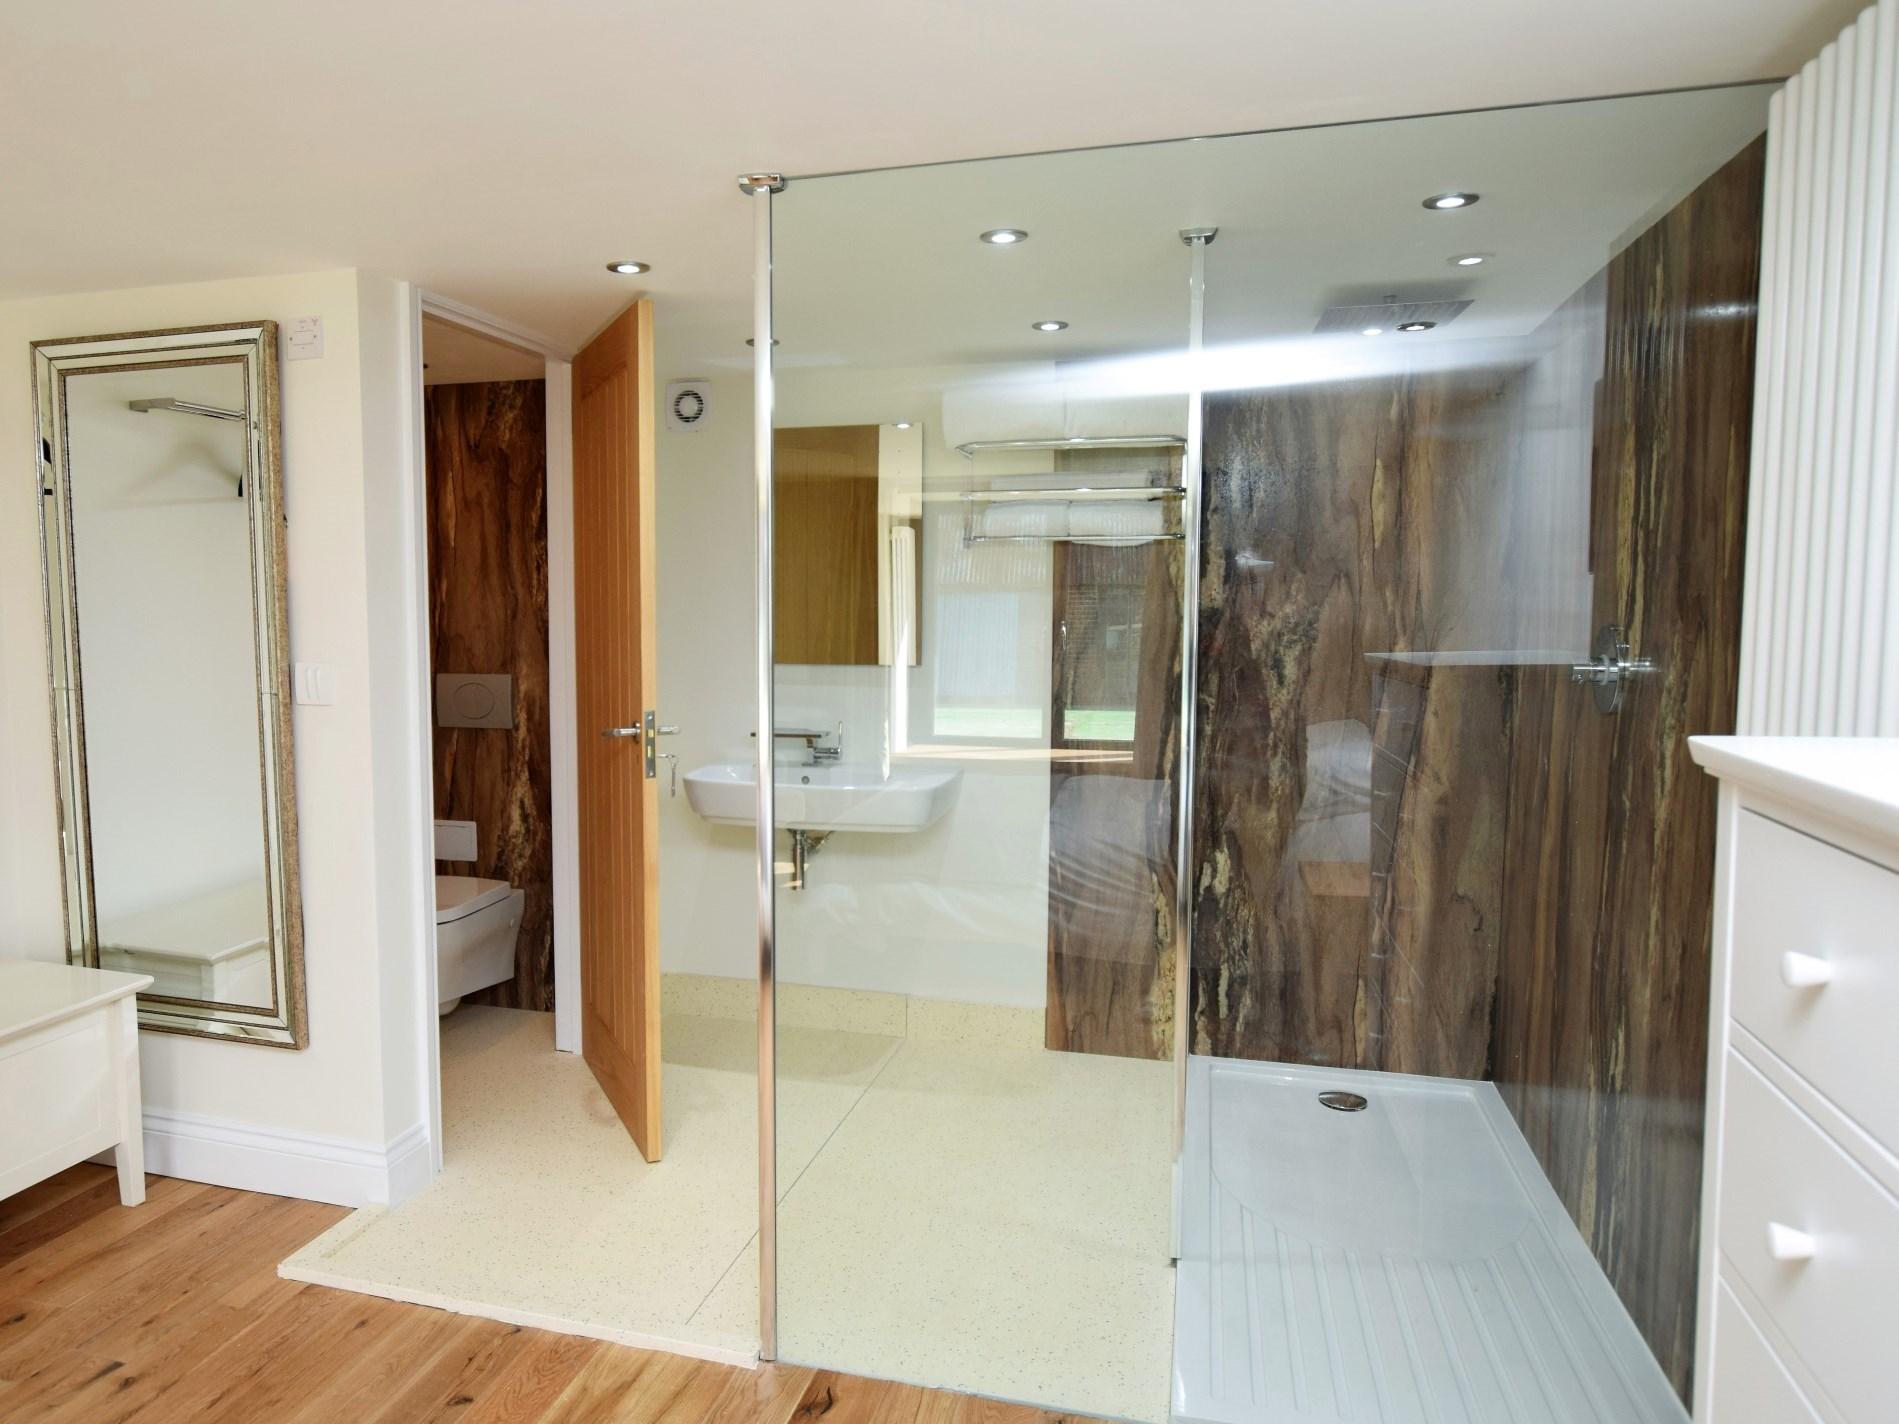 Contemporary walk in en-suite shower